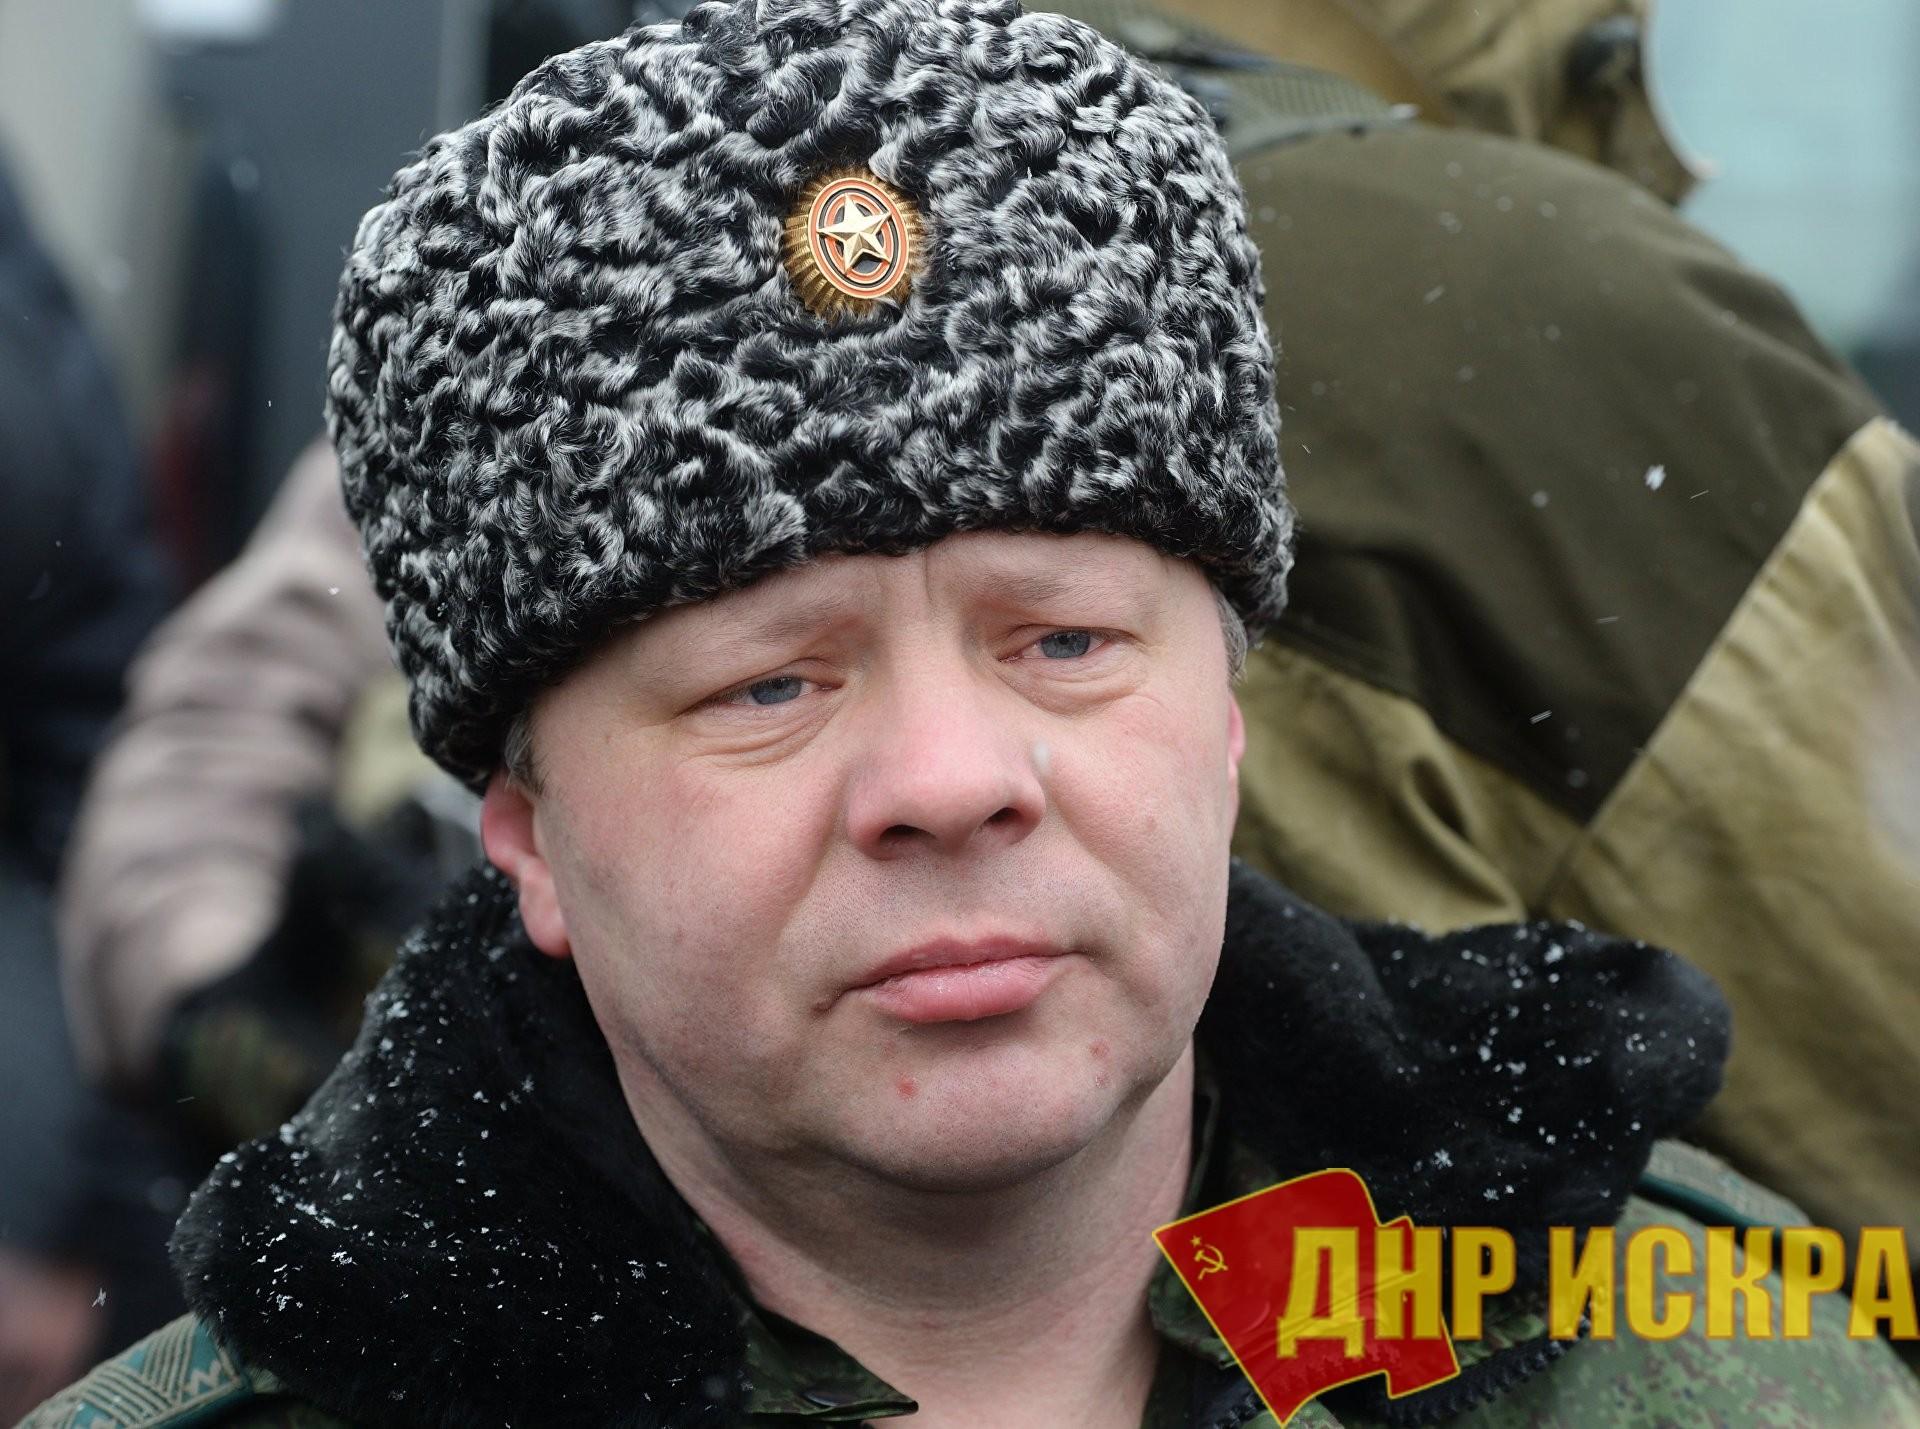 Как заставить врага сдаться без боя: у министерства обороны ДНР теперь самое мудрёное название из министерств